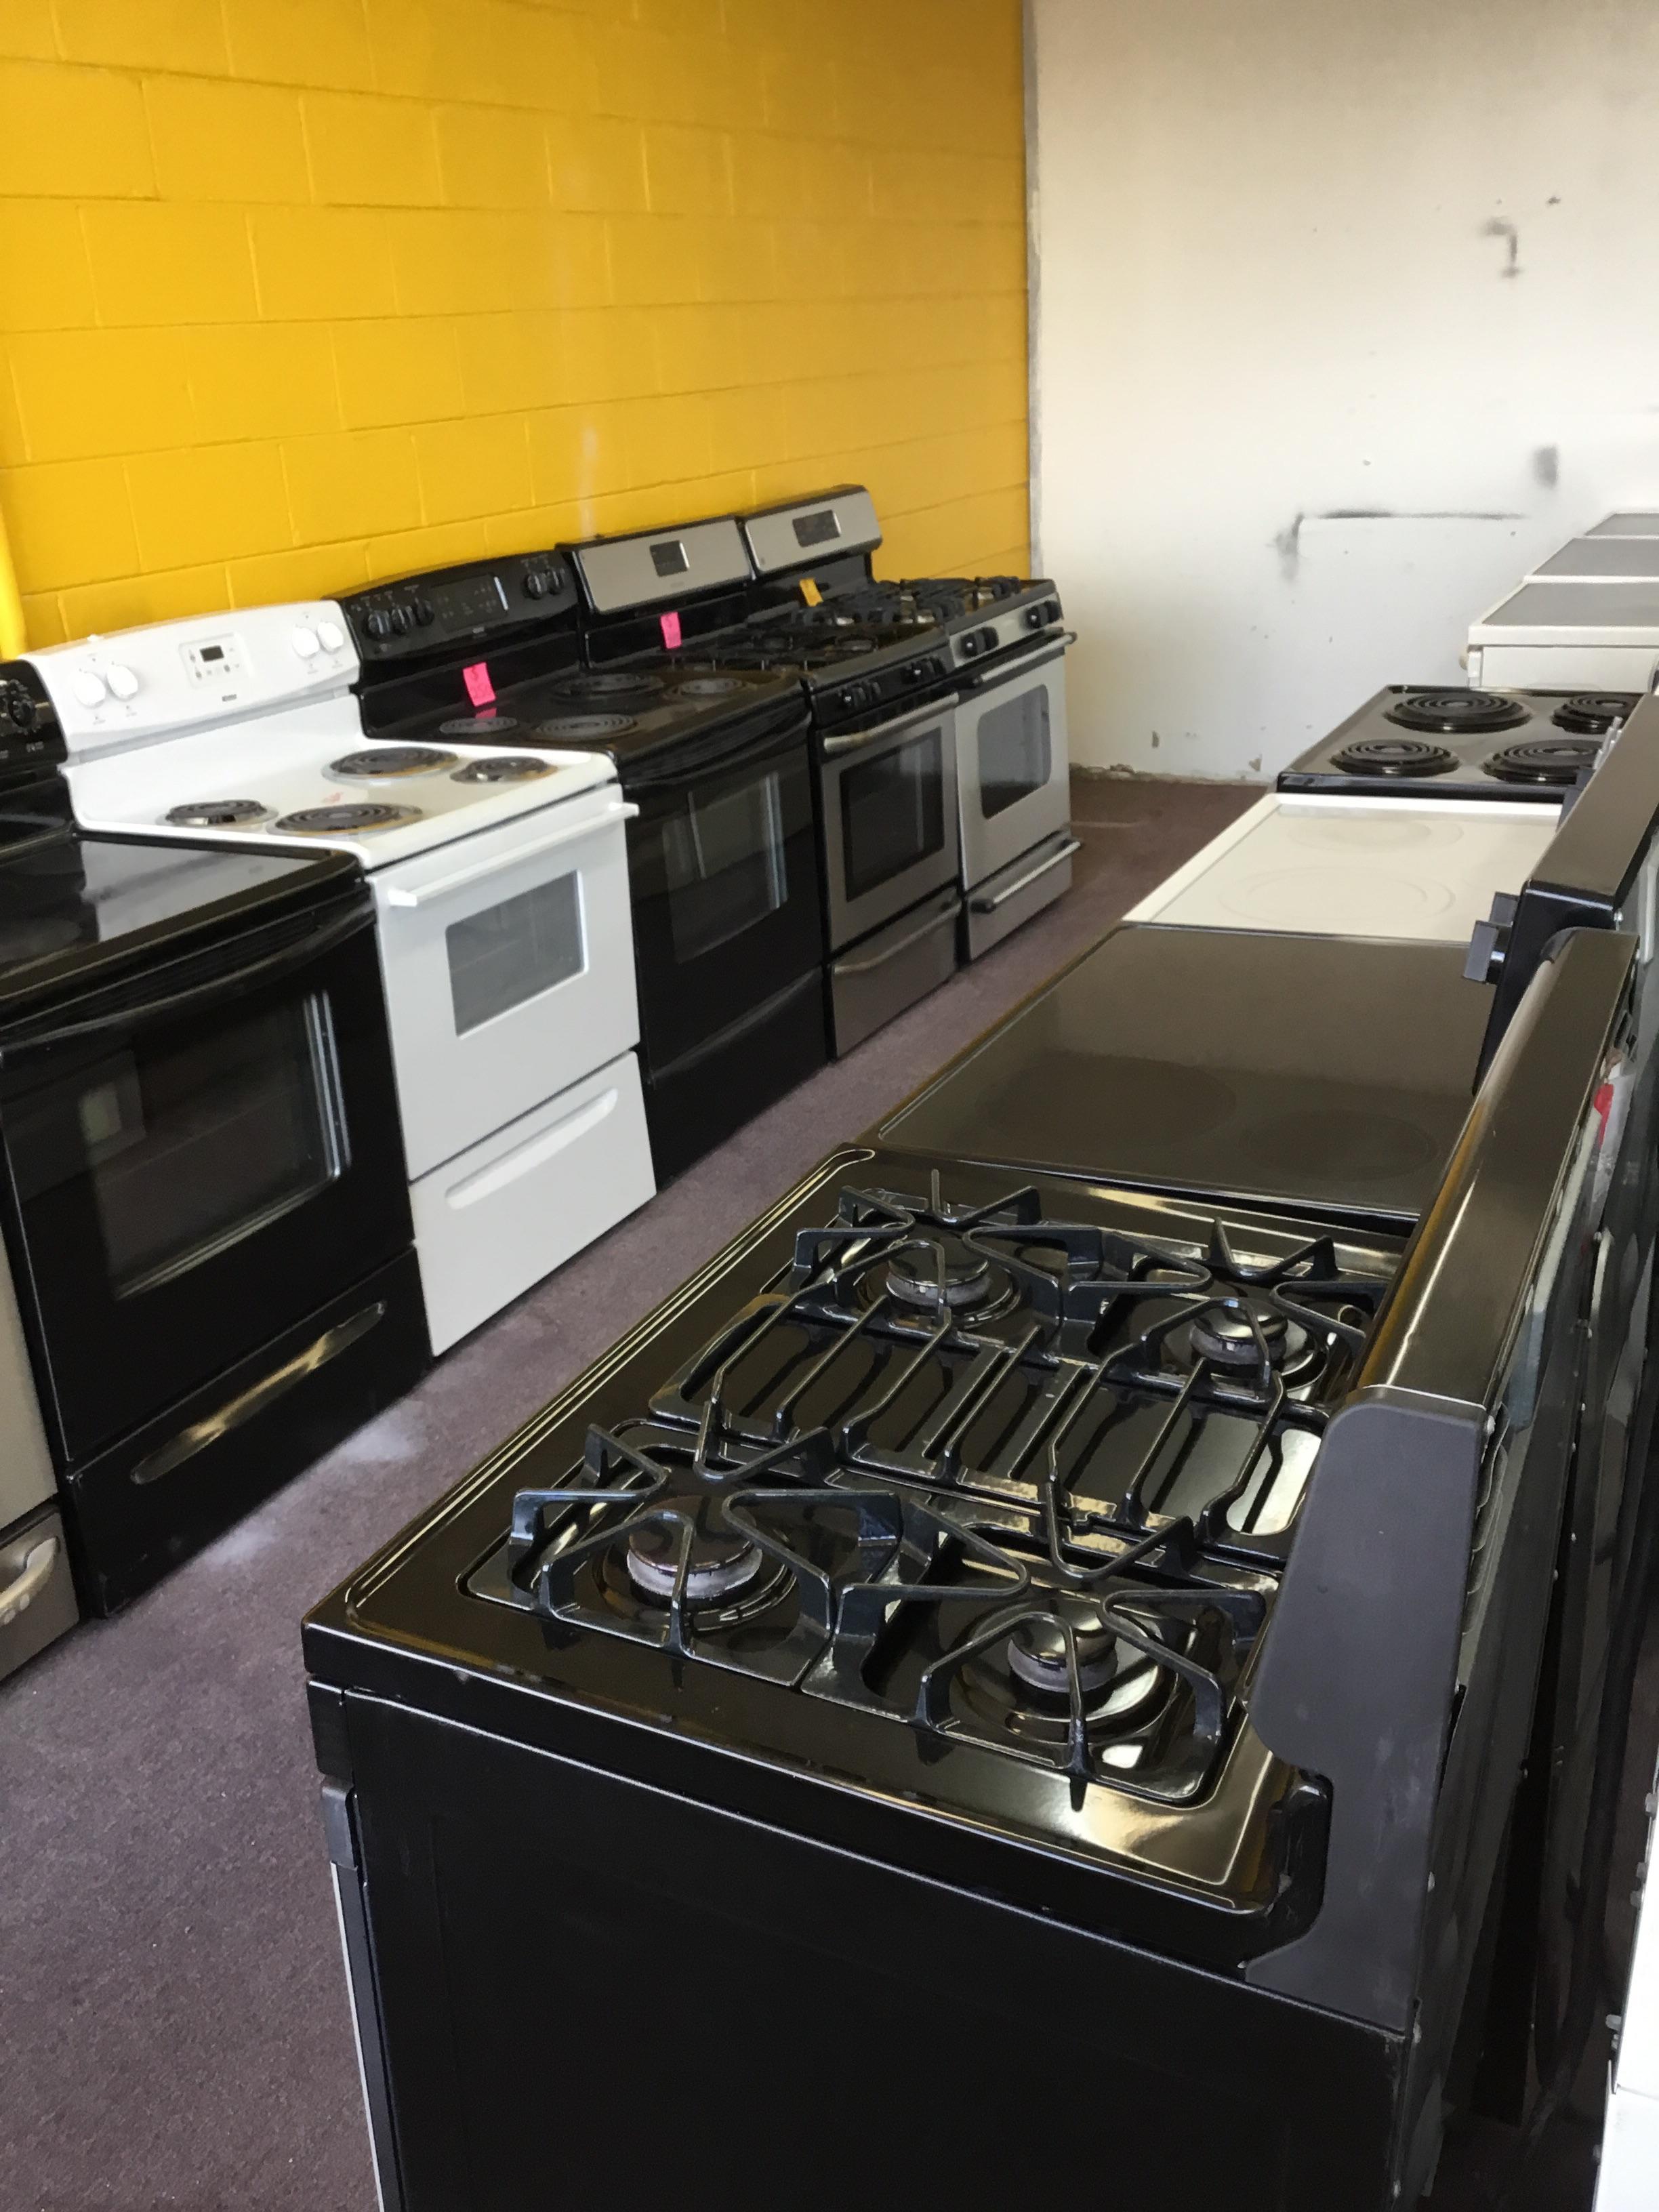 A1 Appliances Appliance Parts Supplier Oak Park Mi 48237